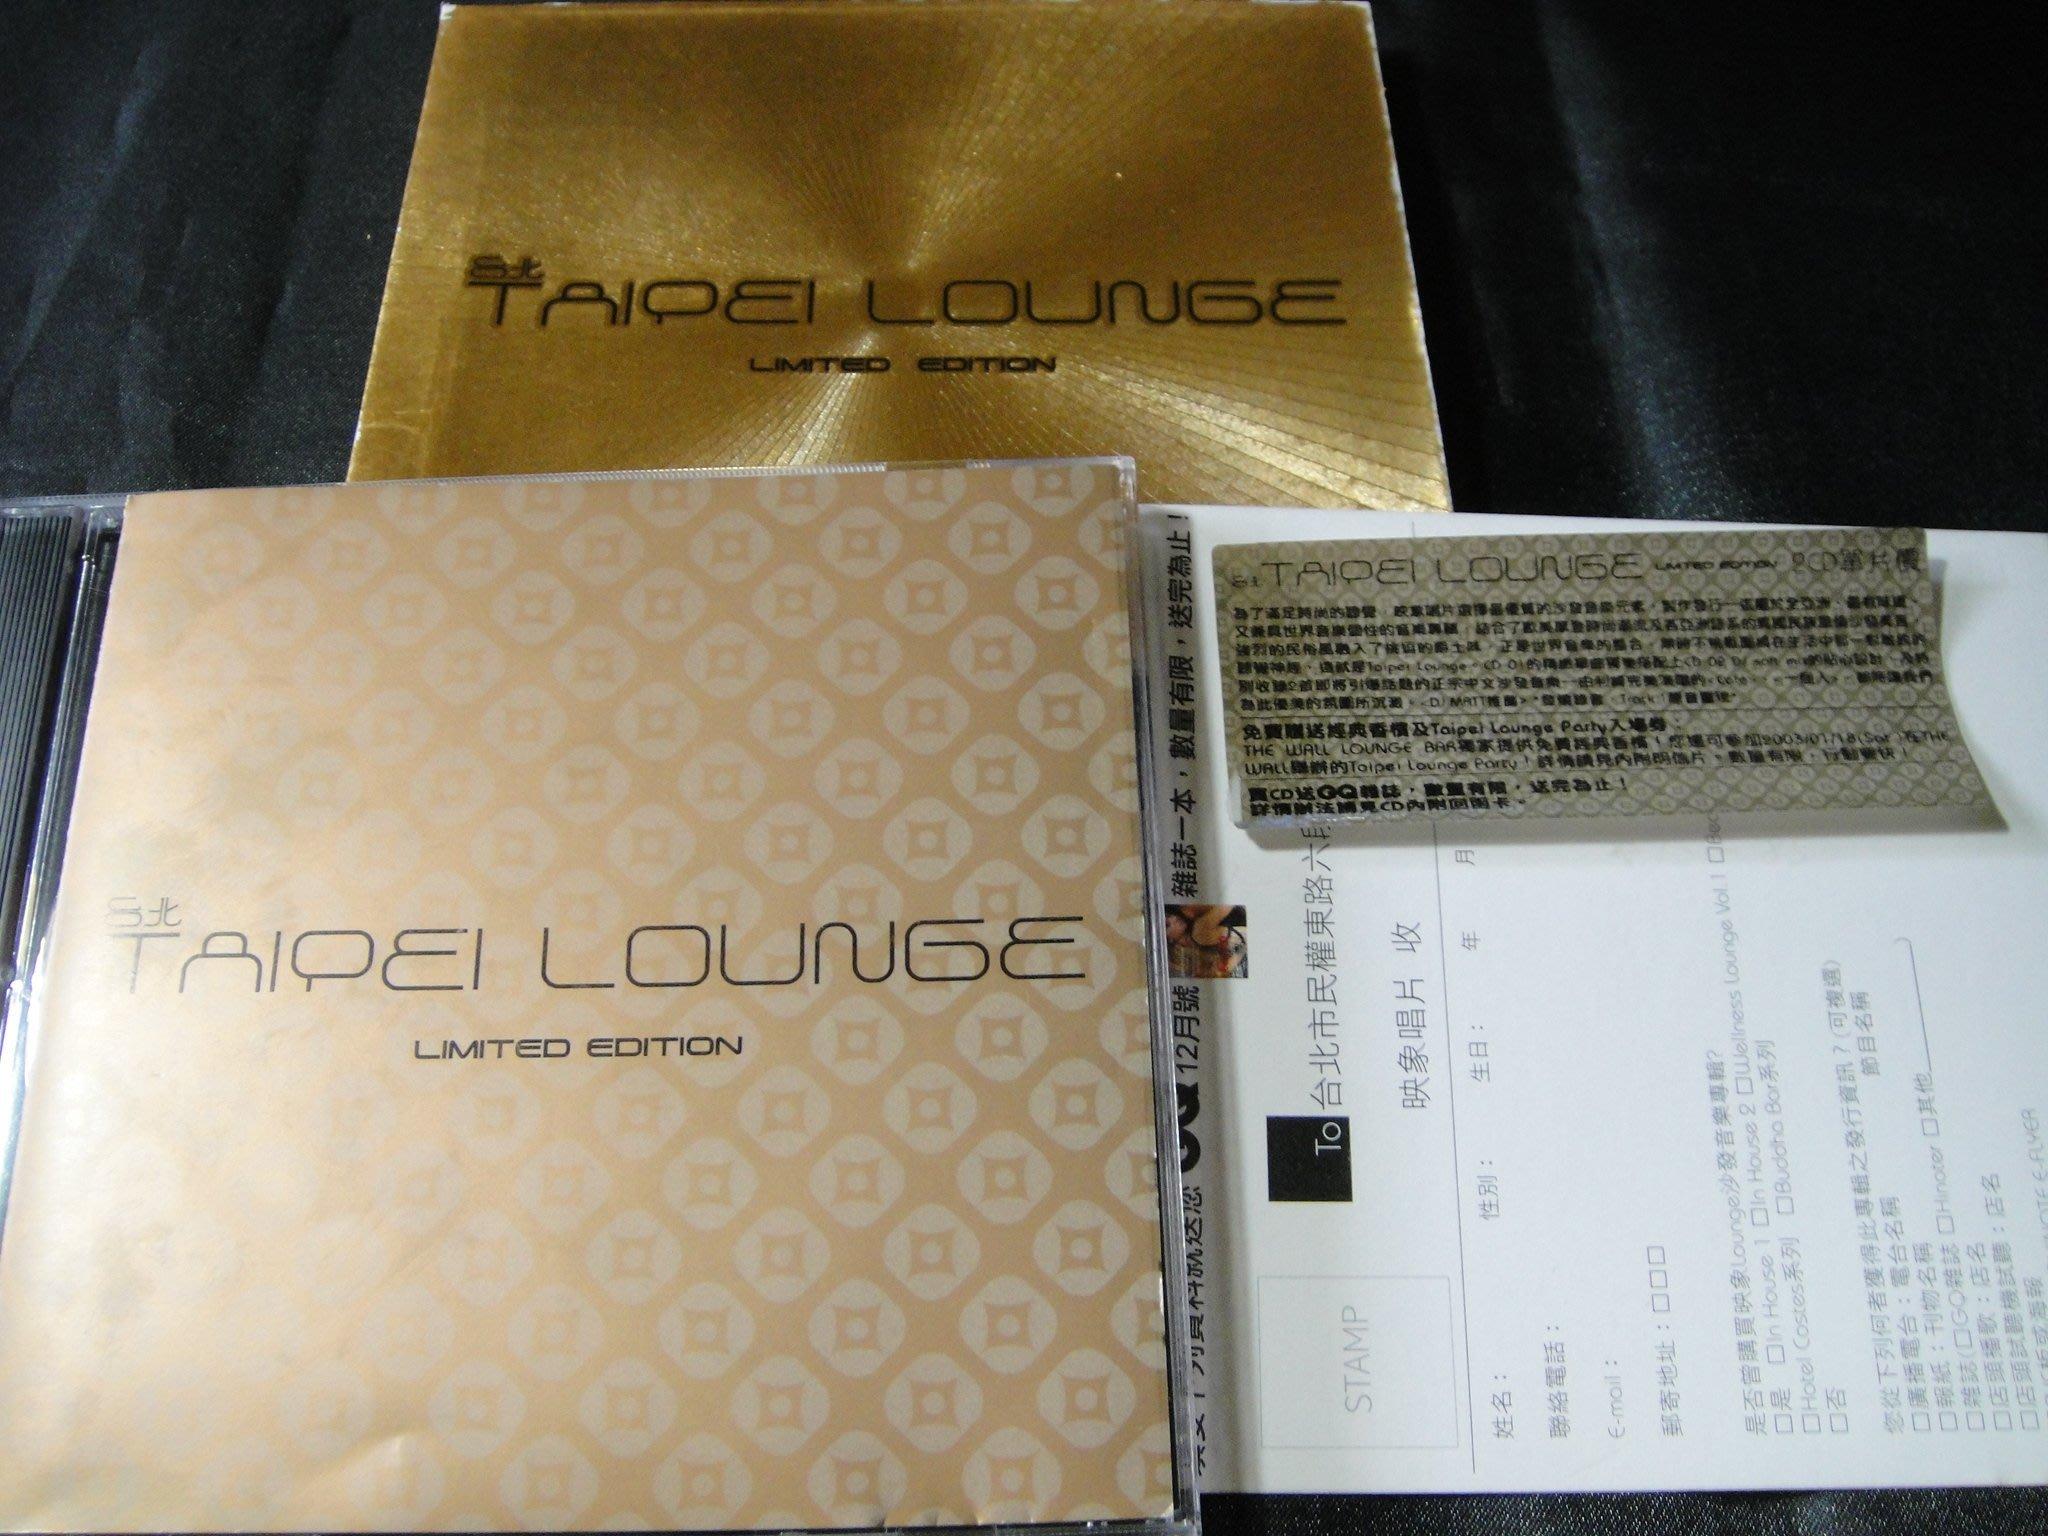 【198樂坊】Taipei Lounge 2 Limited Edition 2CD (Summertime..)AV